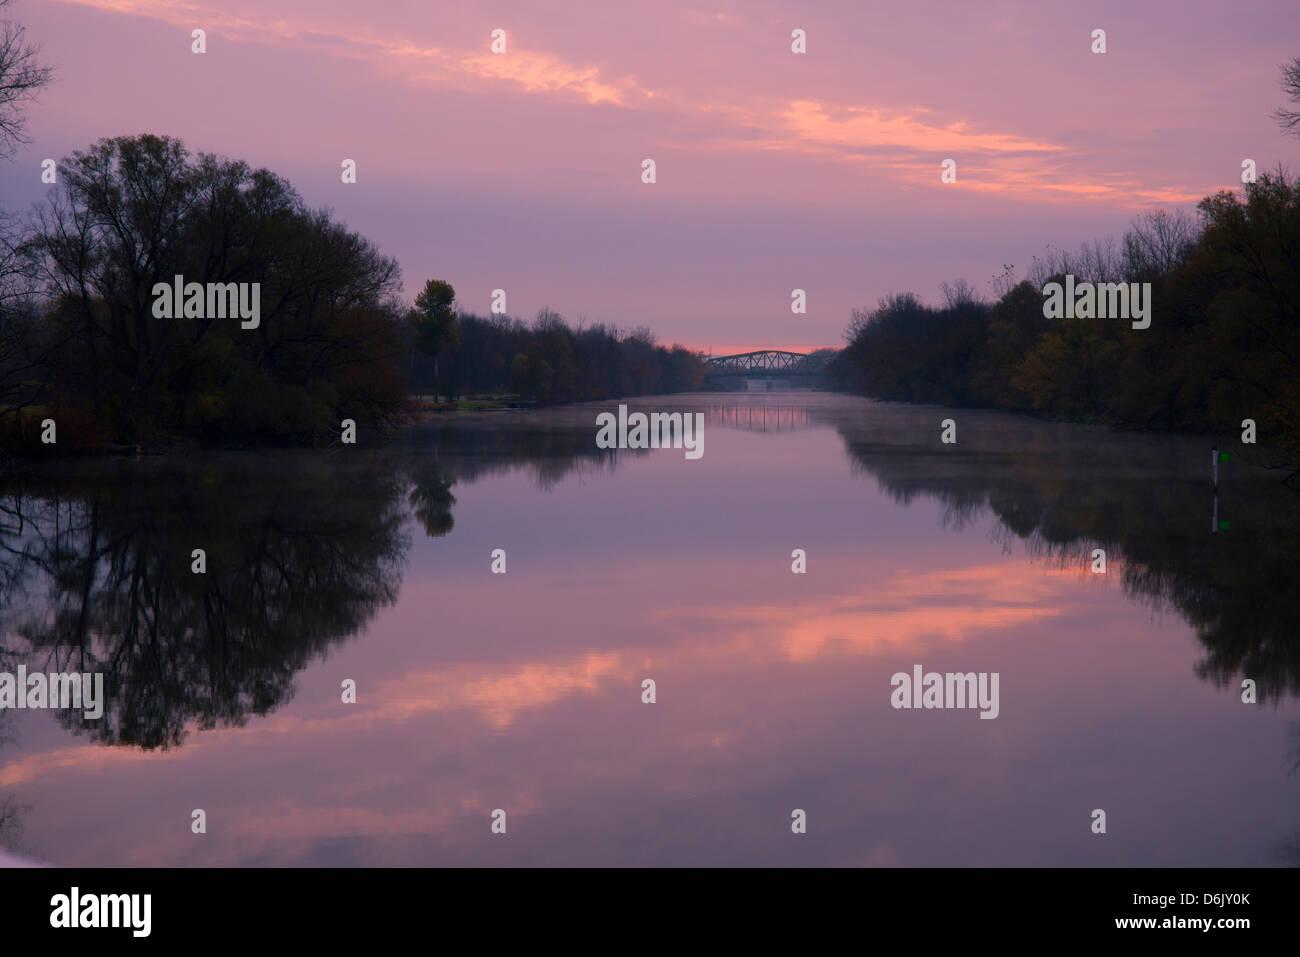 Sonnenuntergang an der Erie-Kanal, New York State, Vereinigten Staaten von Amerika, Nordamerika Stockbild